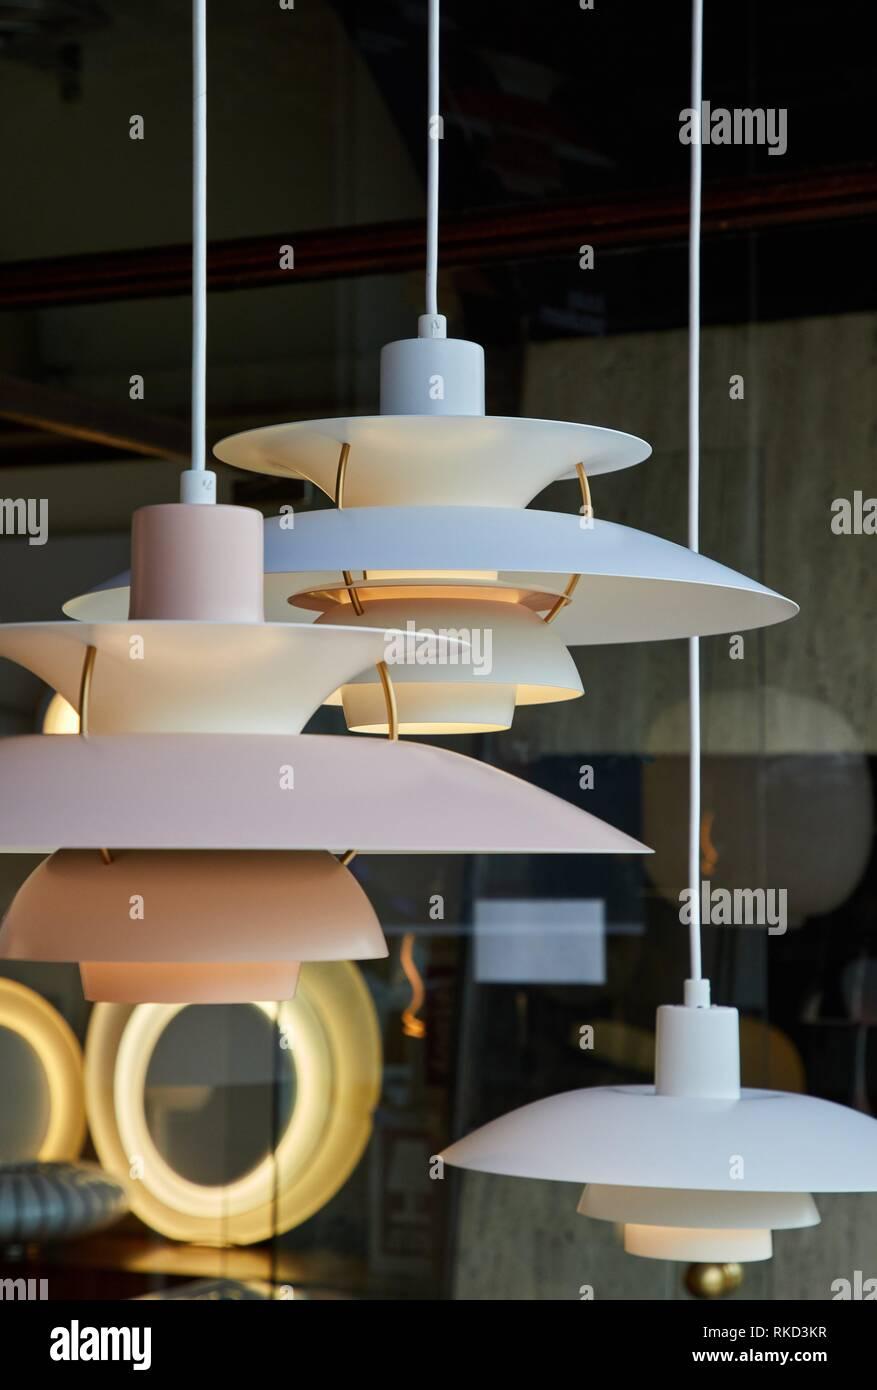 Lamps interior lighting store zumarraga gipuzkoa basque country spain europe